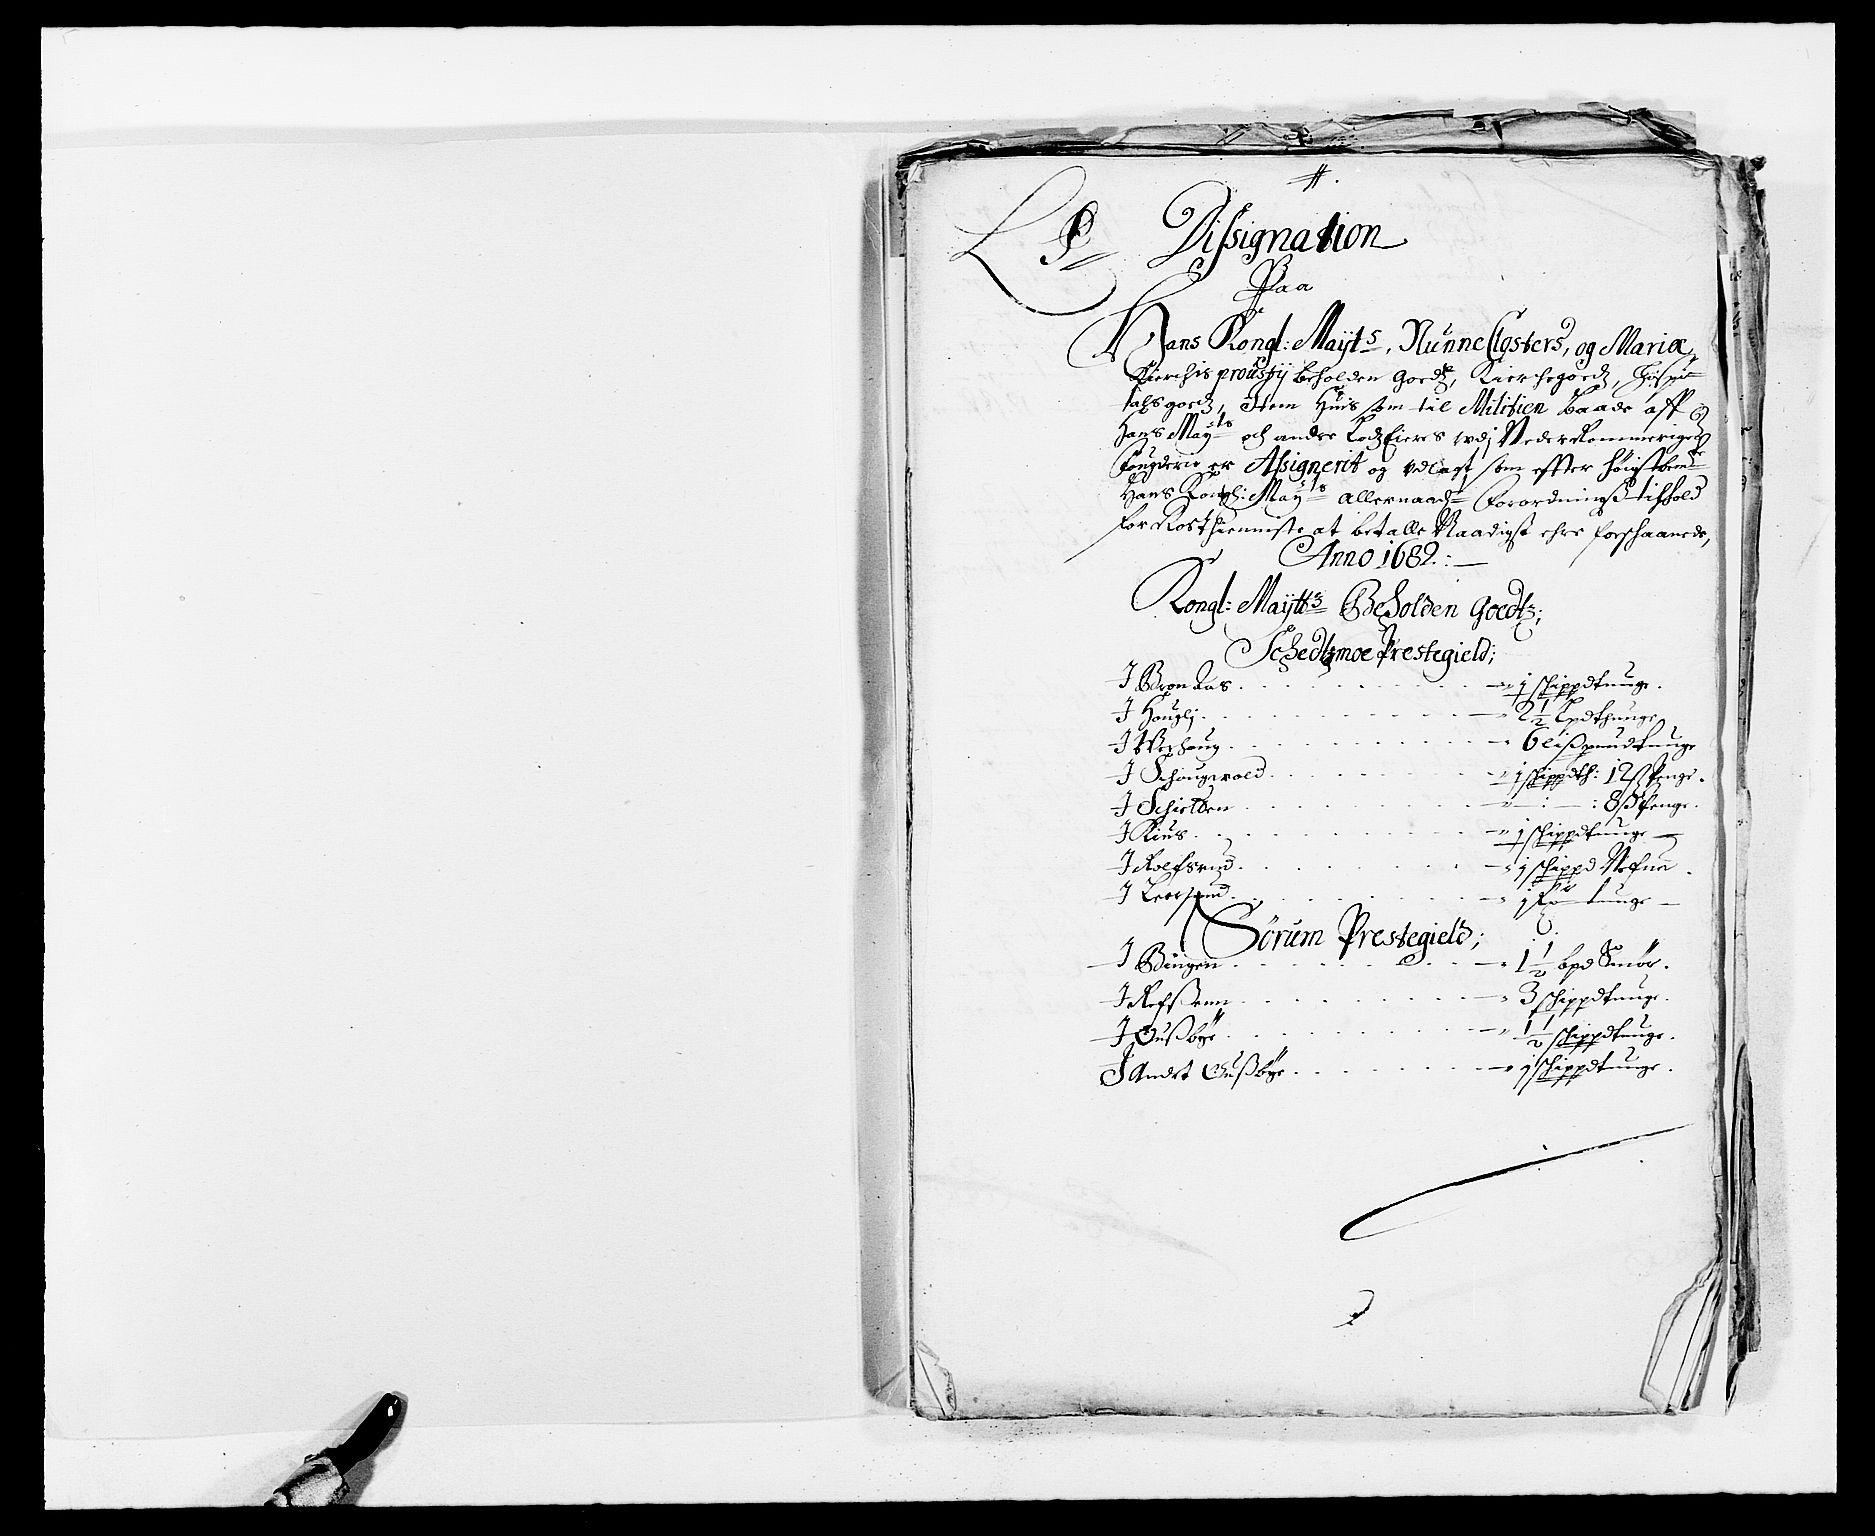 RA, Rentekammeret inntil 1814, Reviderte regnskaper, Fogderegnskap, R11/L0570: Fogderegnskap Nedre Romerike, 1682, s. 256